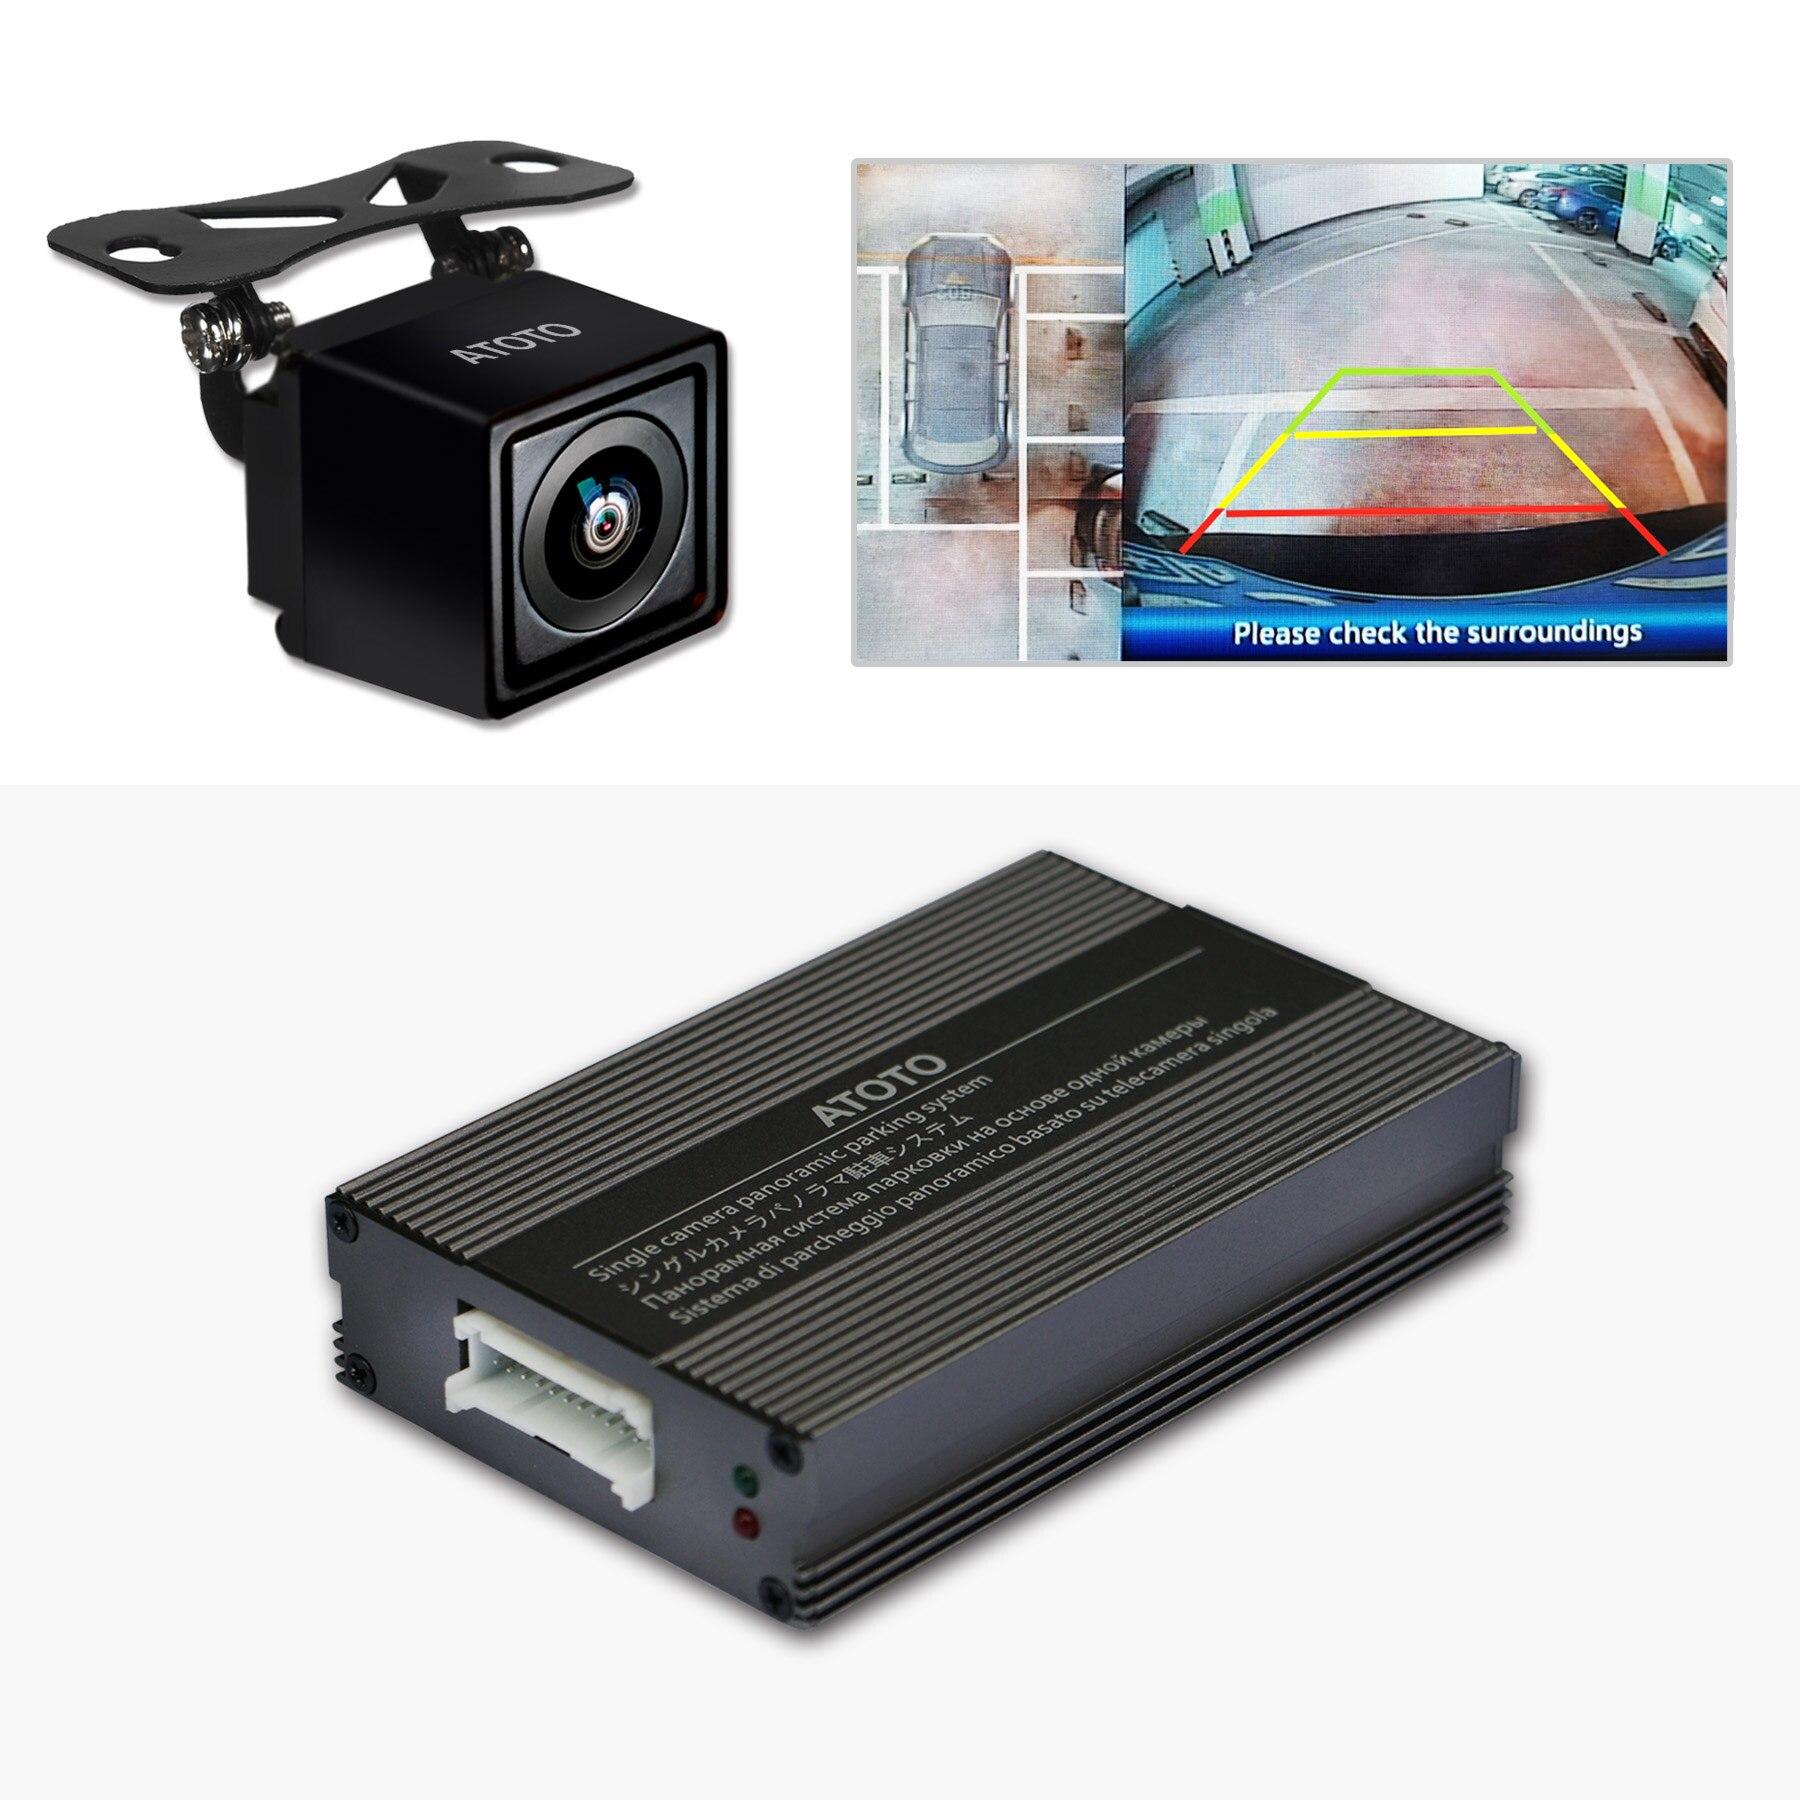 Atoto AC-SC3601 única câmera surround view sistema de estacionamento retrovisor-imagem panorâmica costura-olho de pássaro vista dos arredores